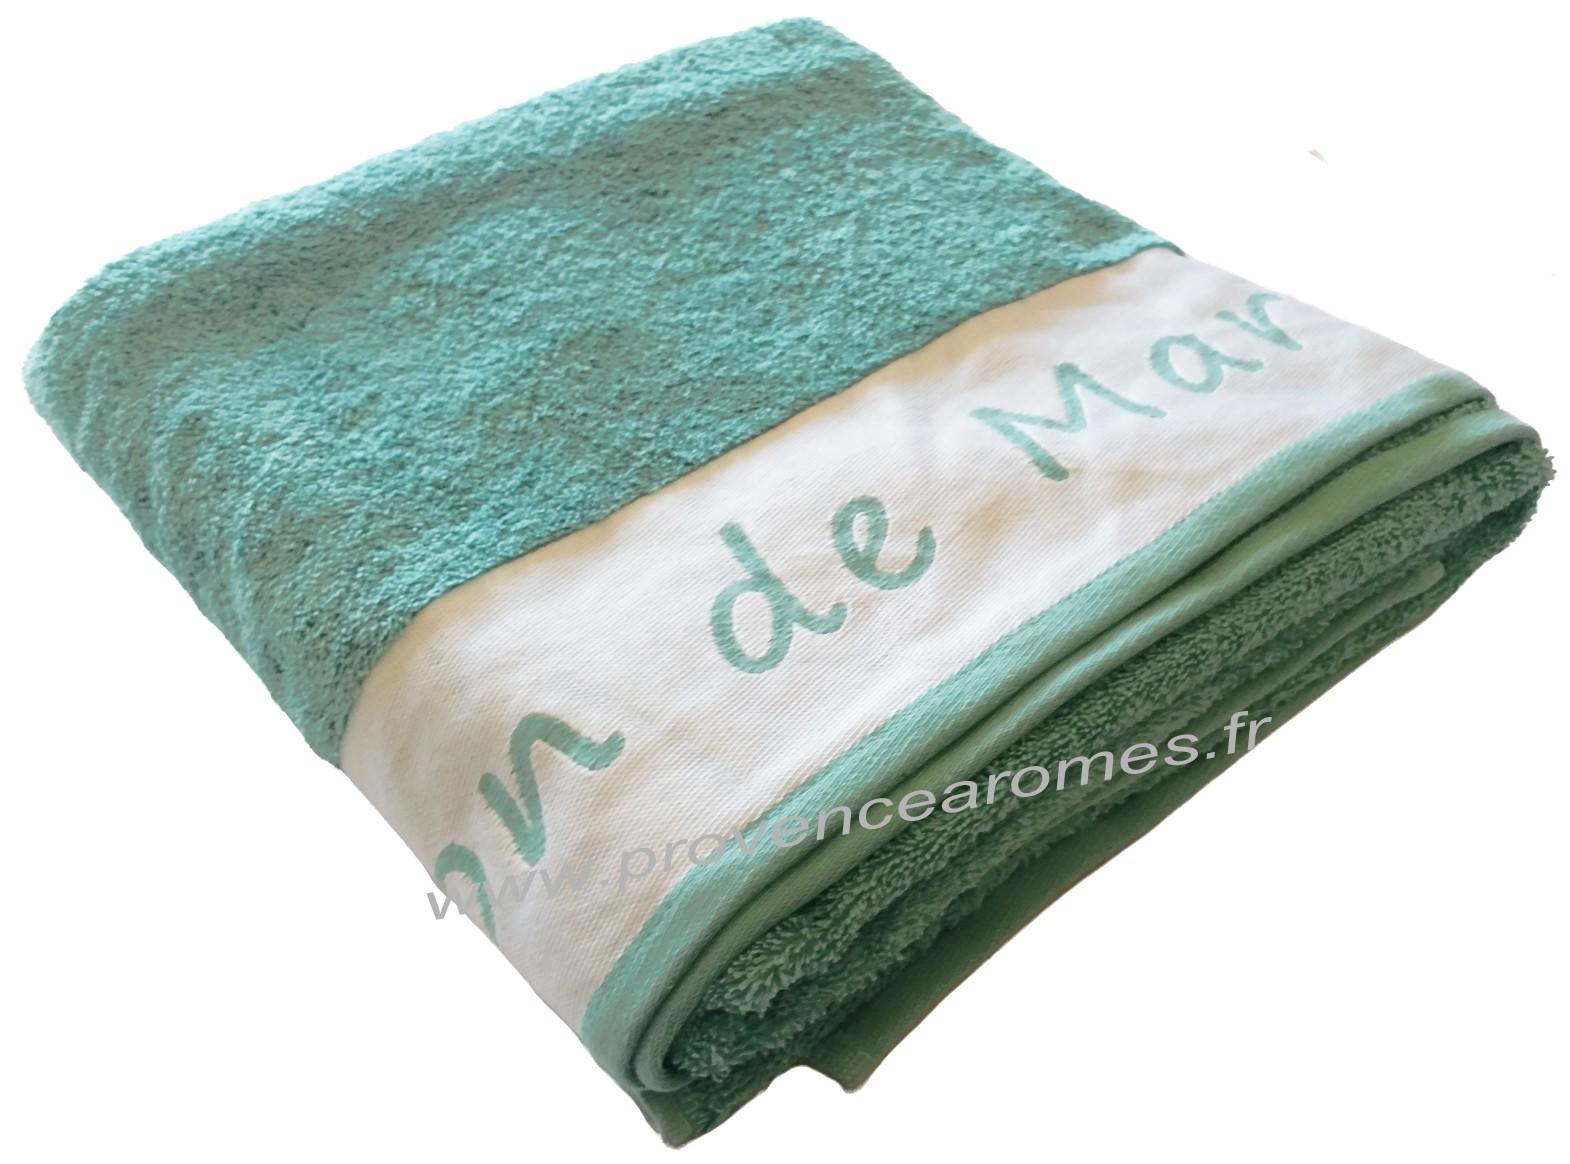 Drap De Bain Savon De Marseille drap de bain brodé savon de marseille couleur lagon - provence arômes  tendance sud